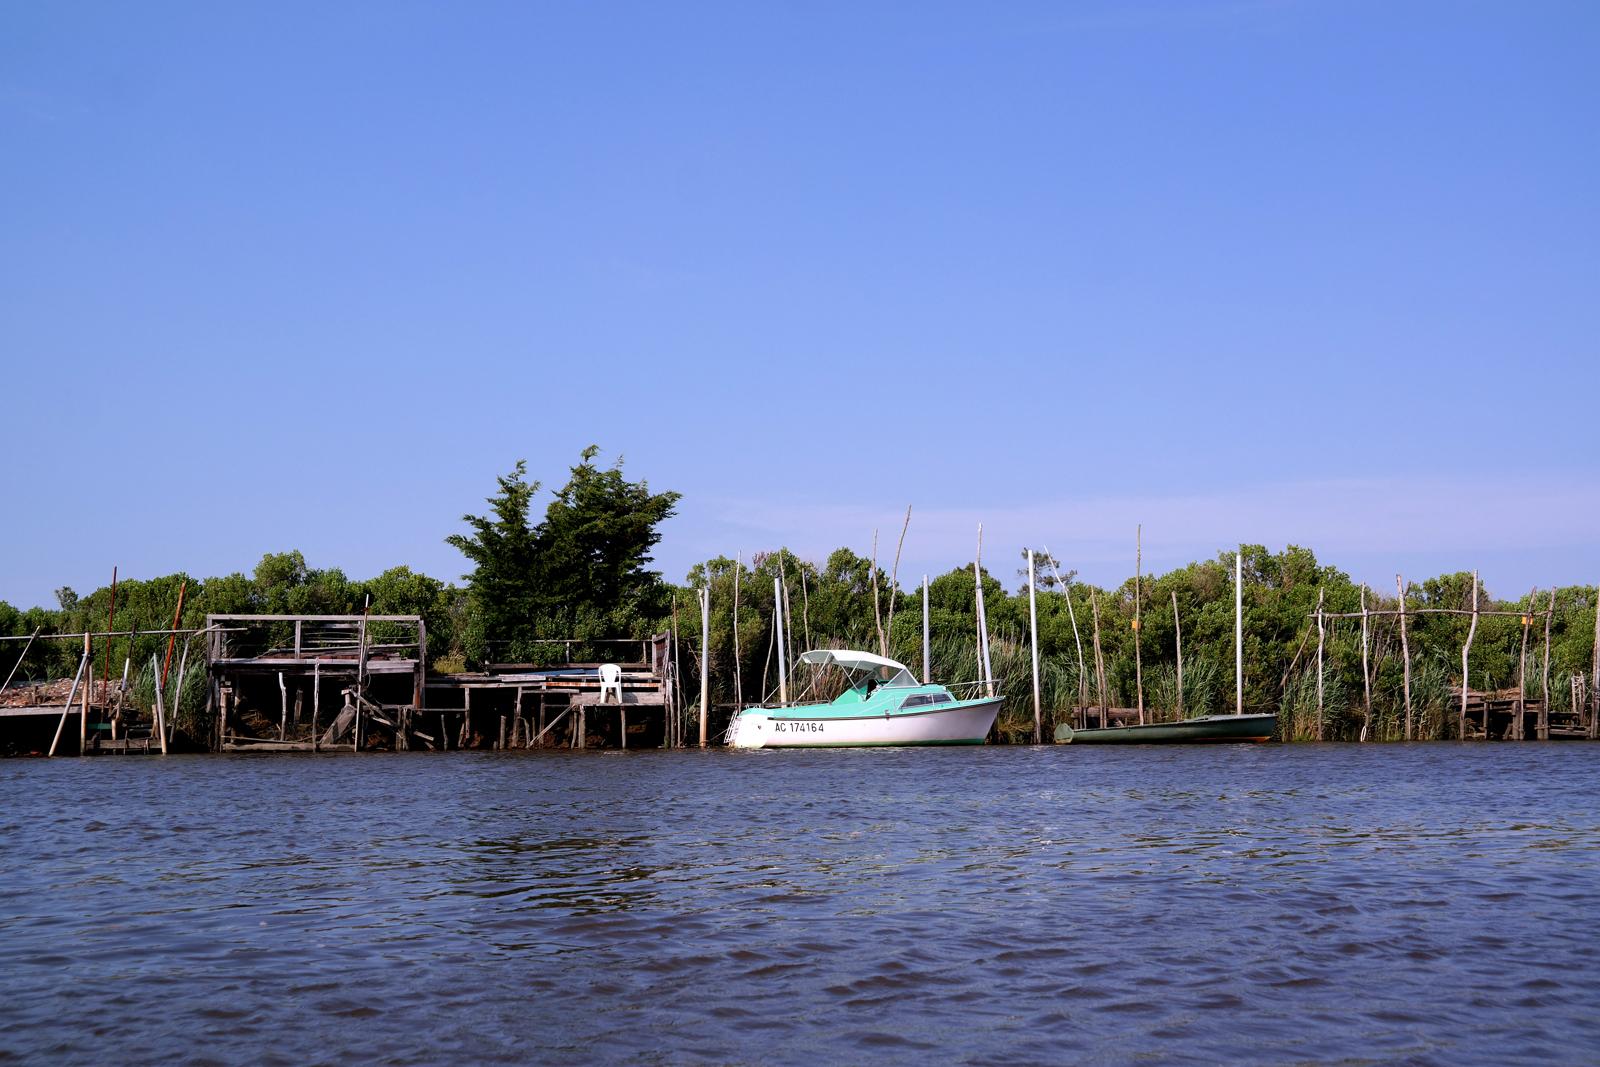 Parc-Naturel-Régional-des-Landes-de-Gascogne-barque-galupe-Lou-Bateleyre-balade-découverte-commentée-avec-batelier-Gascon-Bassin-d-Arcachon-rivière-eyre-Biganos-photo-by-usofparis-blog